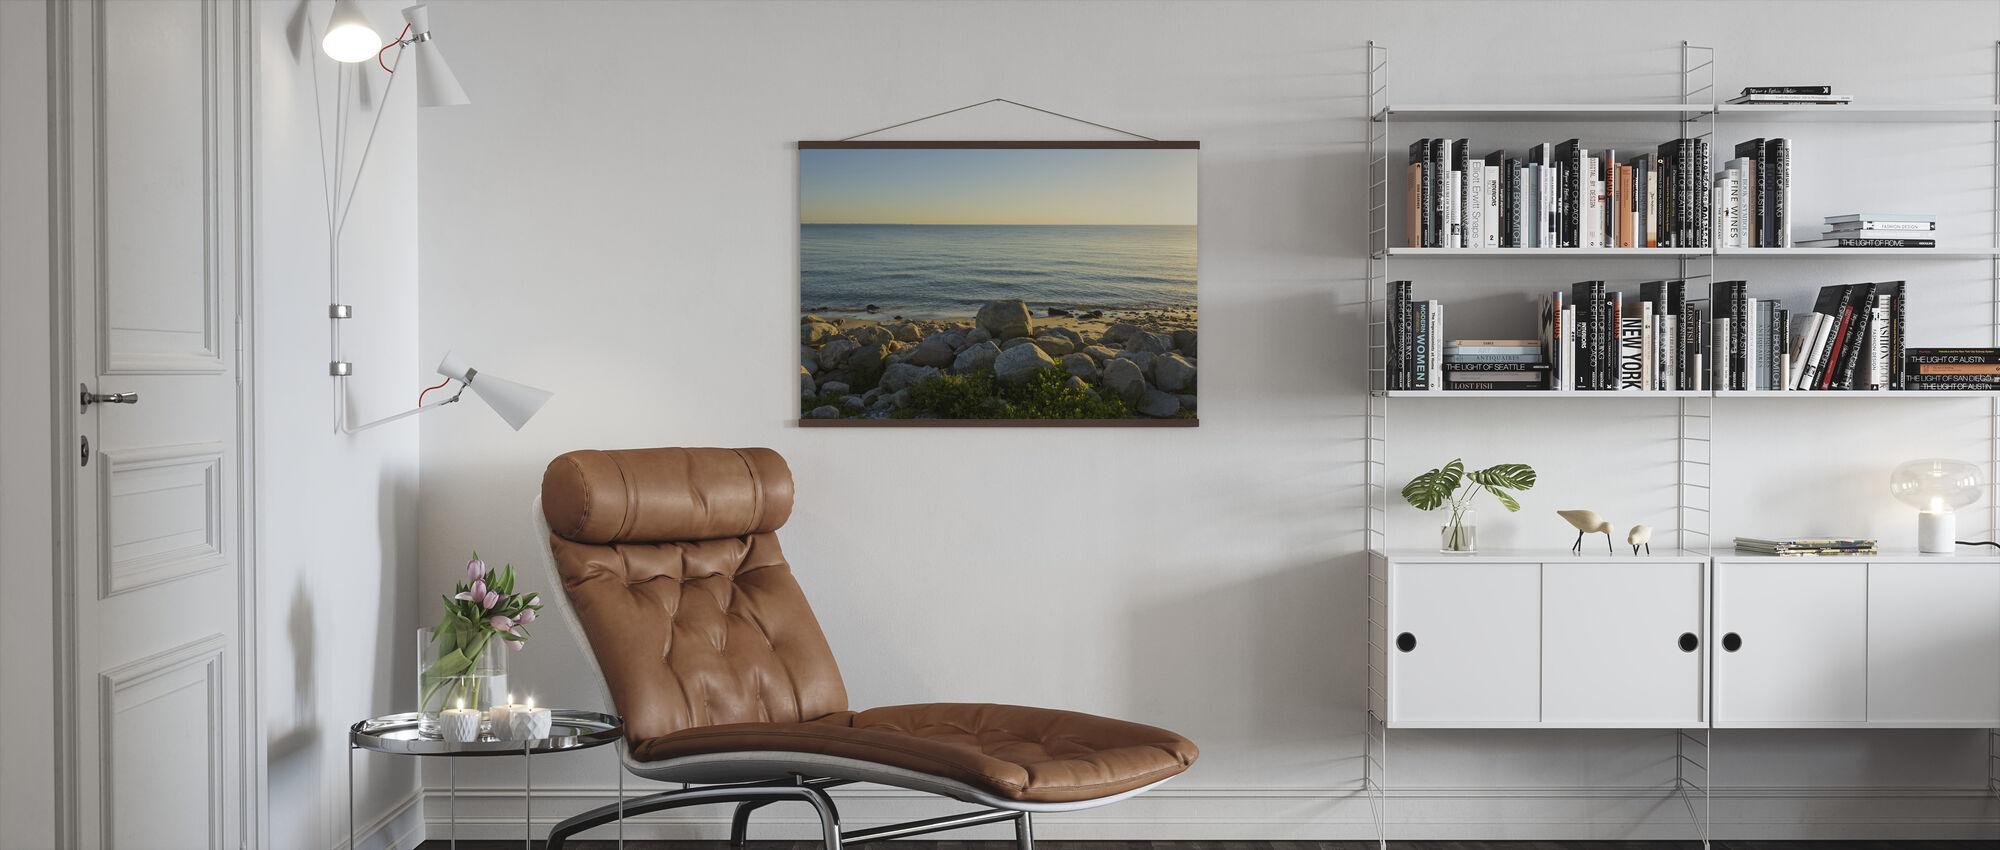 Odsherred Beach, Denmark - Poster - Living Room